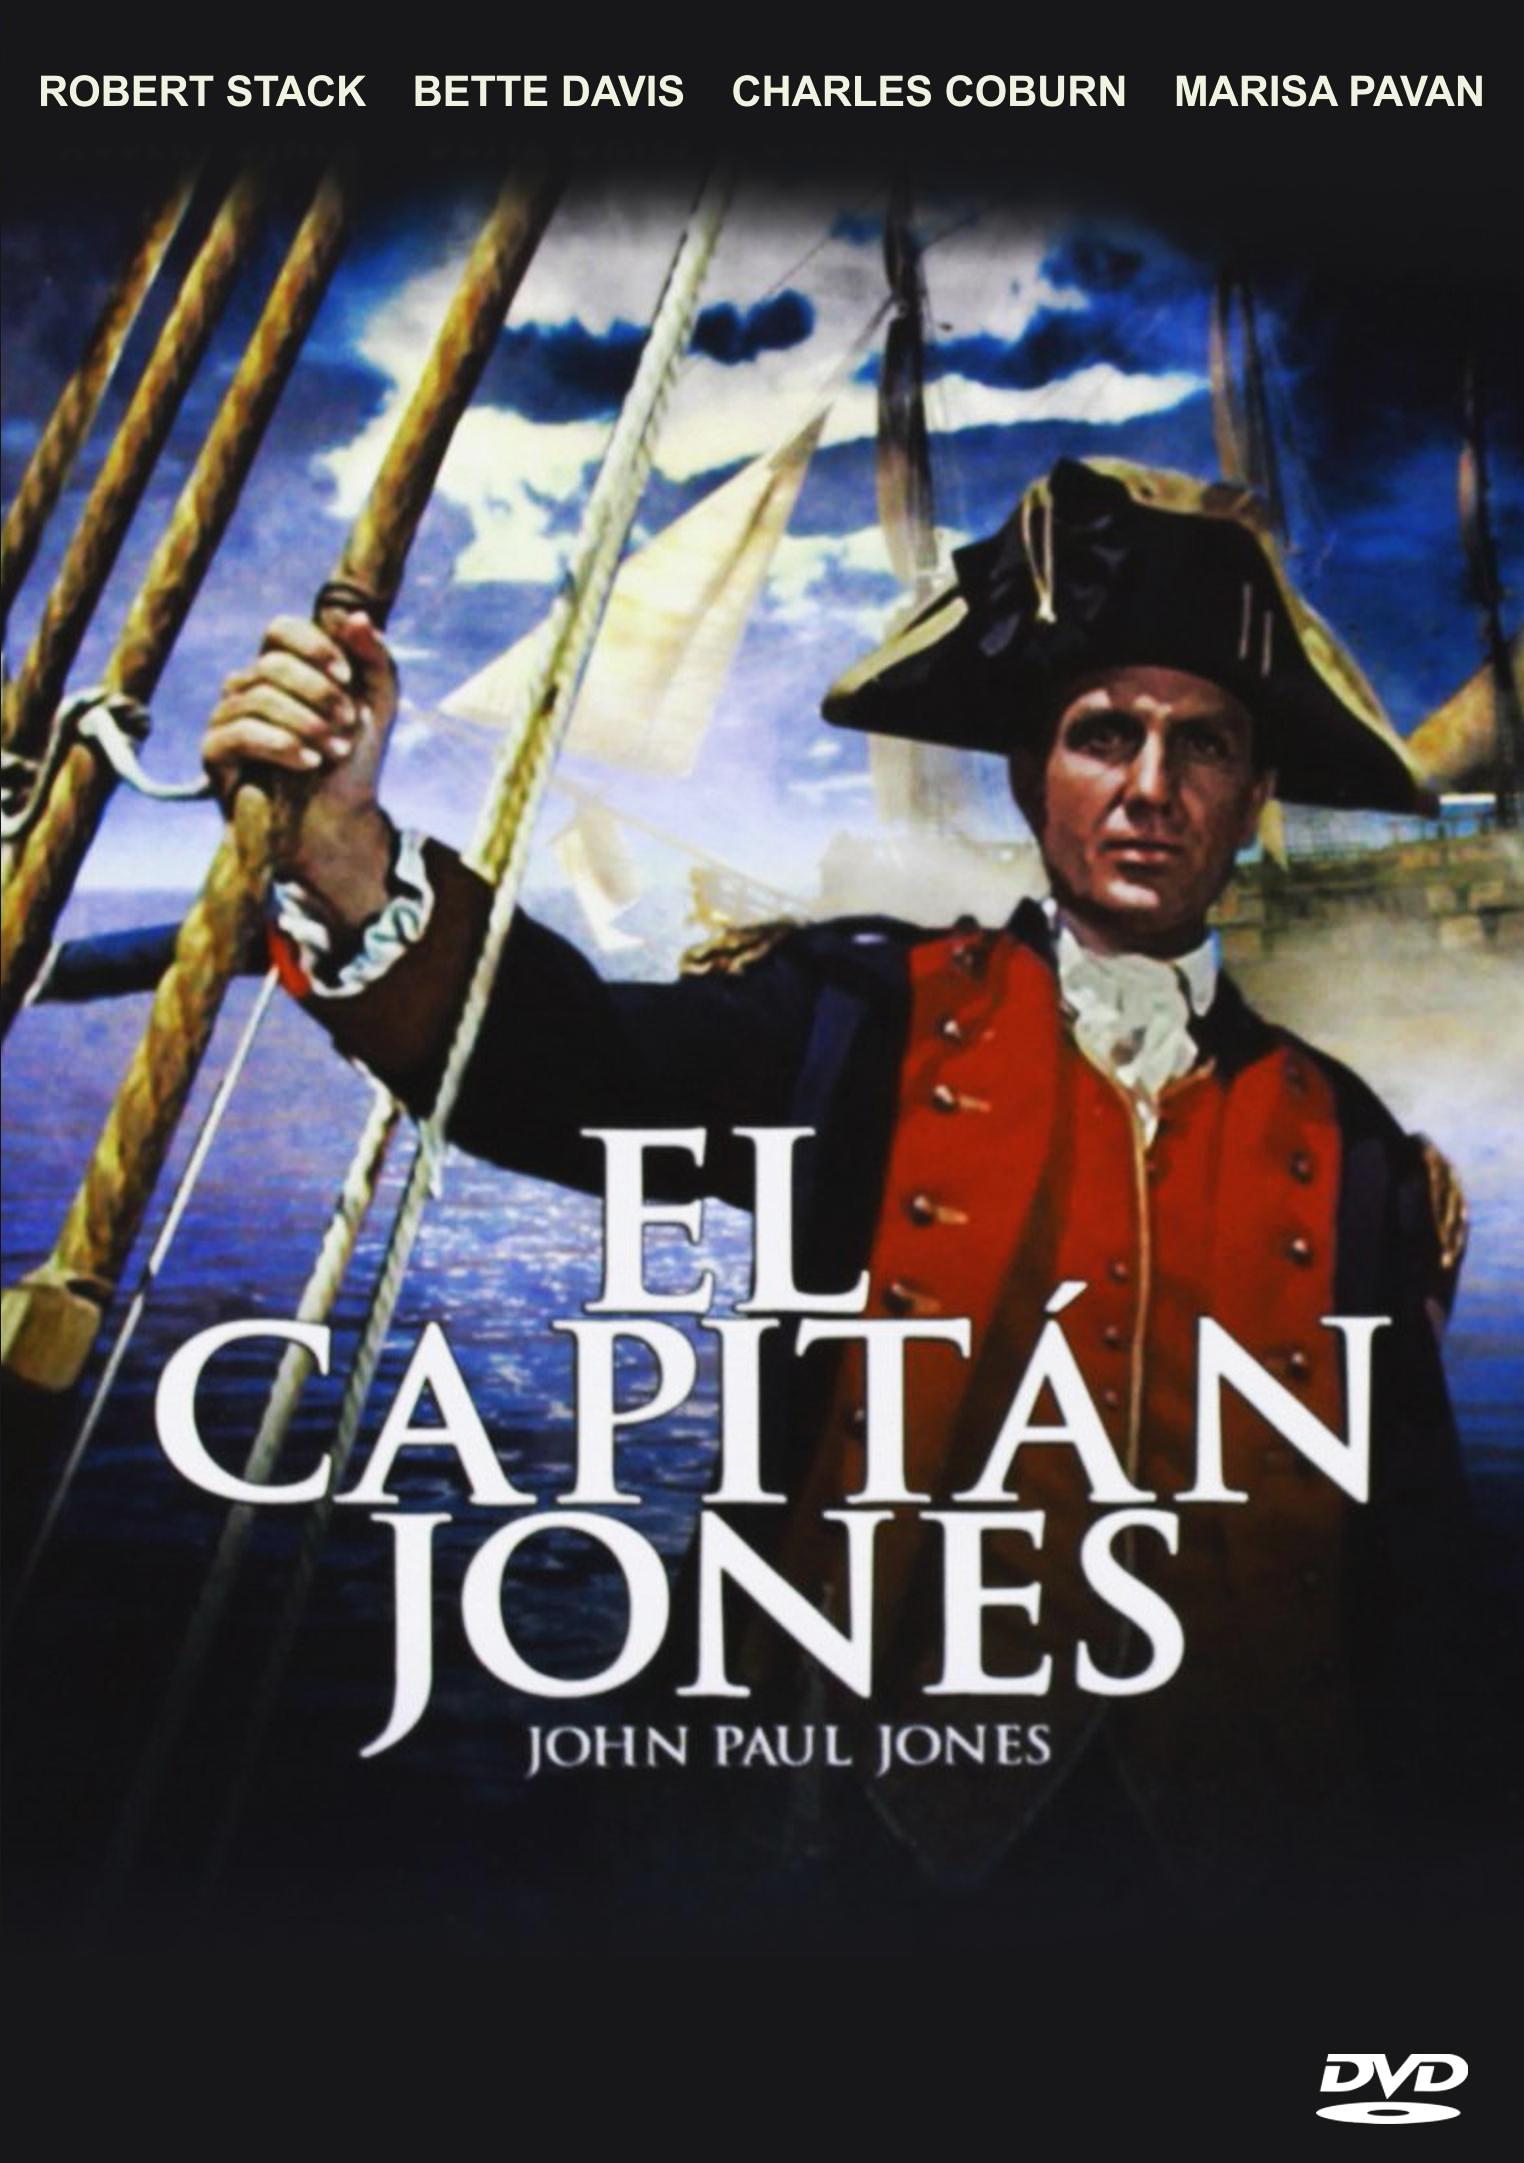 Джон Пол Джонс - John Paul Jones